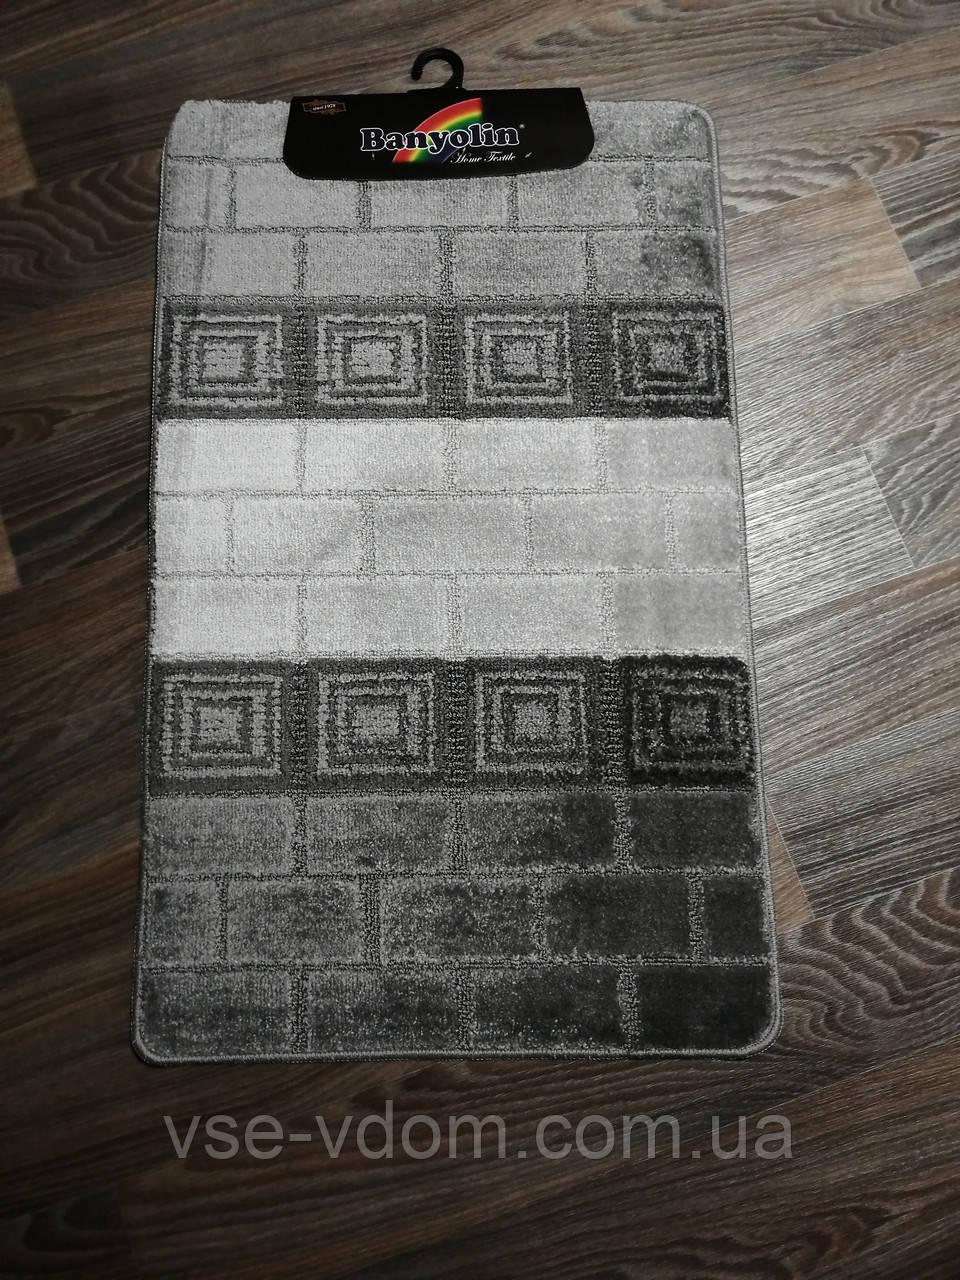 Набор ковриков в ванную и туалет 100*60 см Banyolin серый